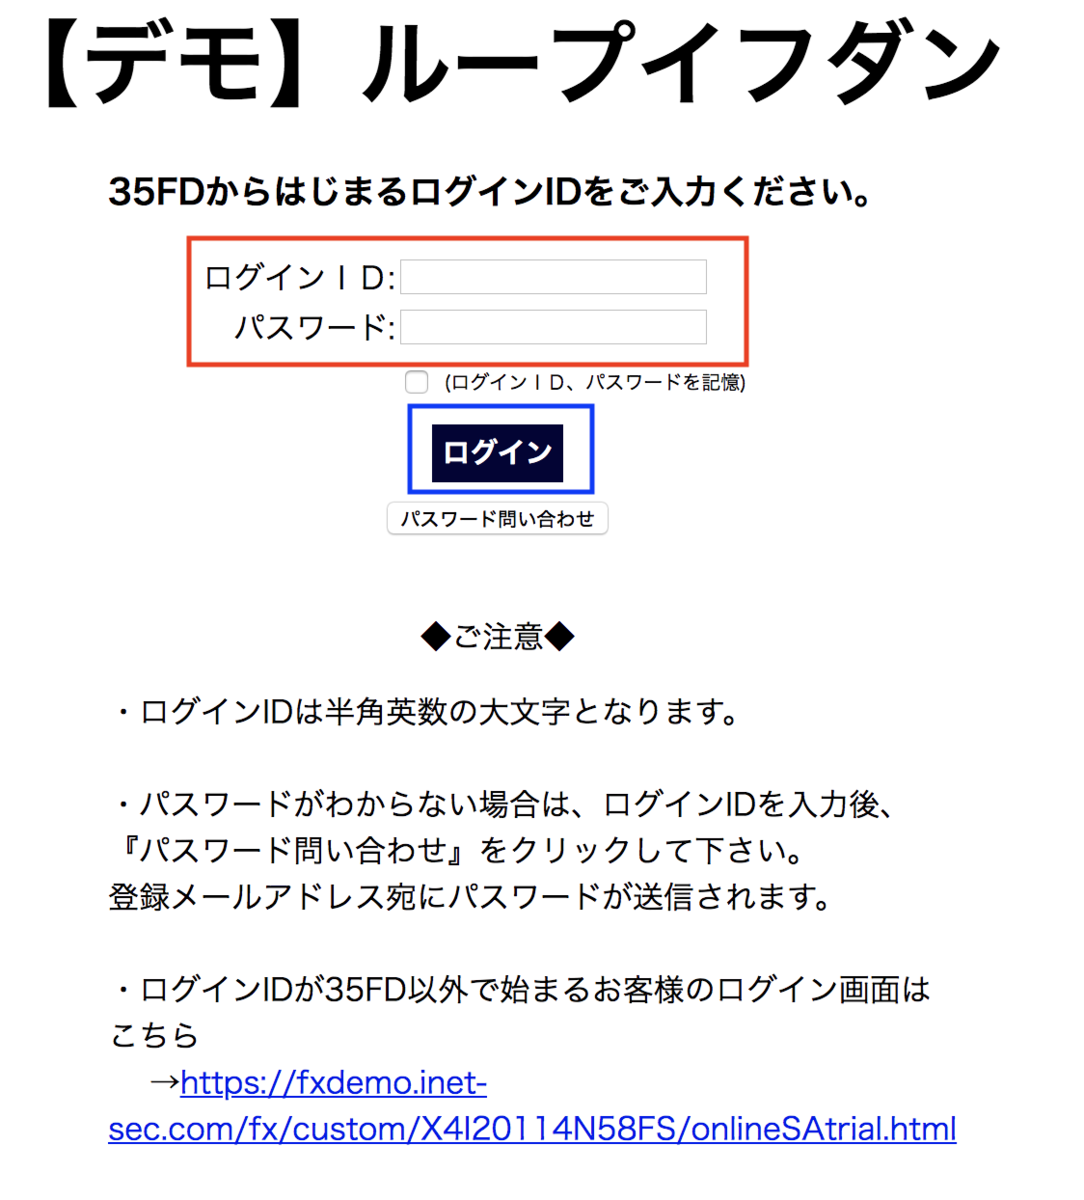 アイネット証券のデモトレードログイン画面